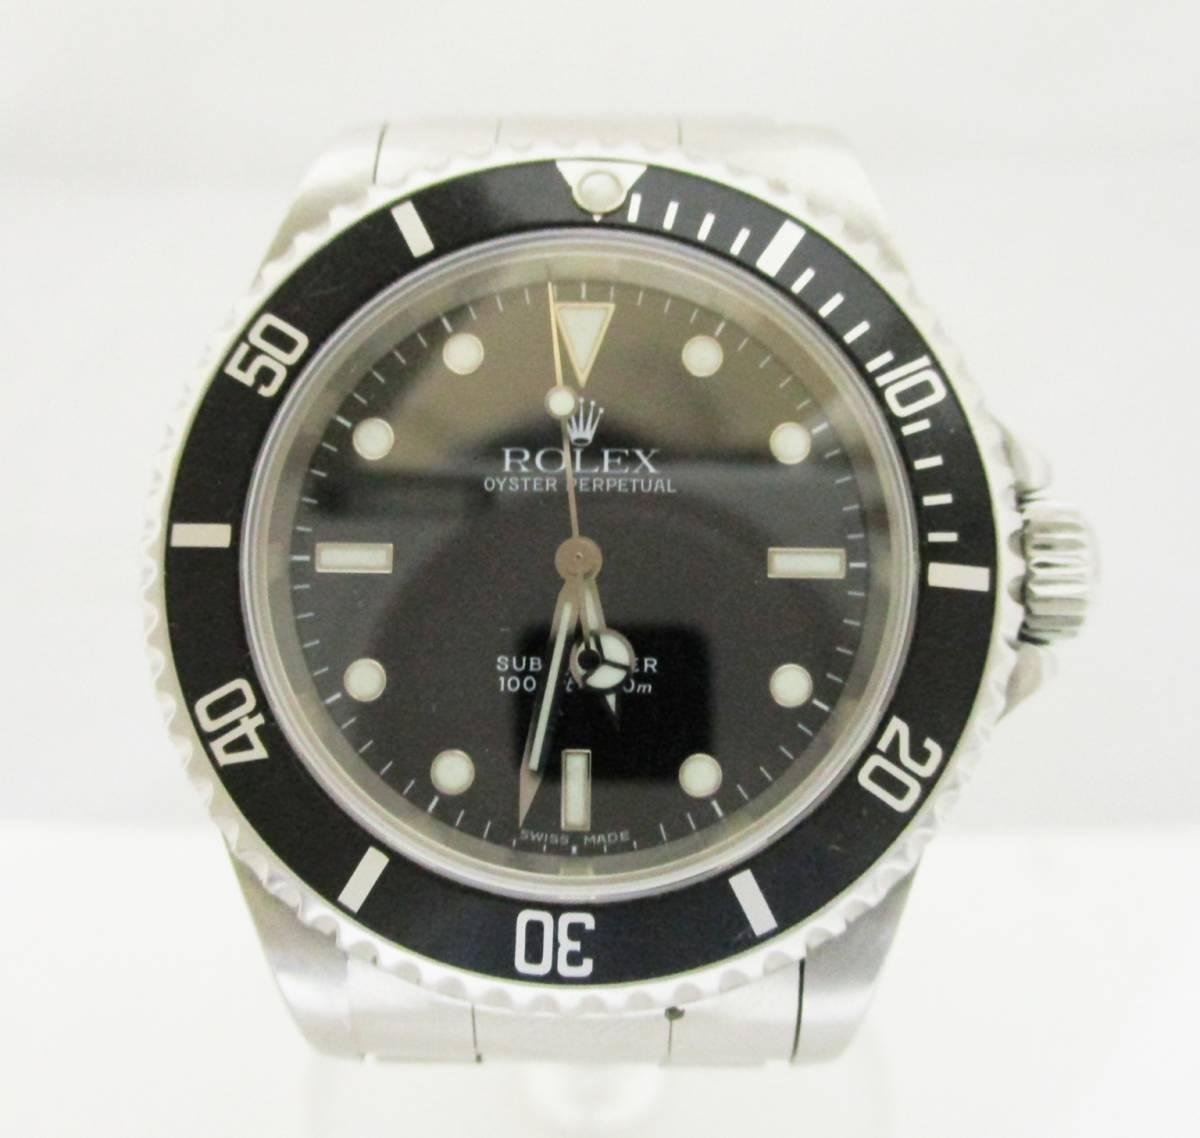 ★1円★ROLEX ロレックス サブマリーナ Ref14060 A番 メンズ腕時計 箱保・コマ付き 稼働品★A2110